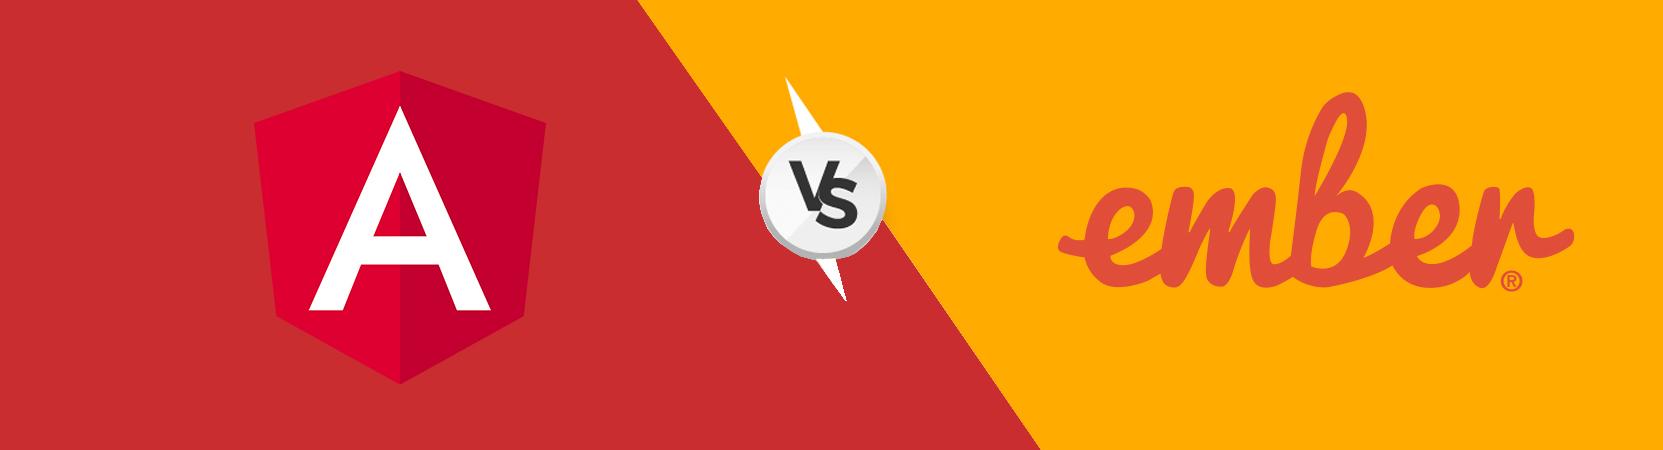 angular vs ember